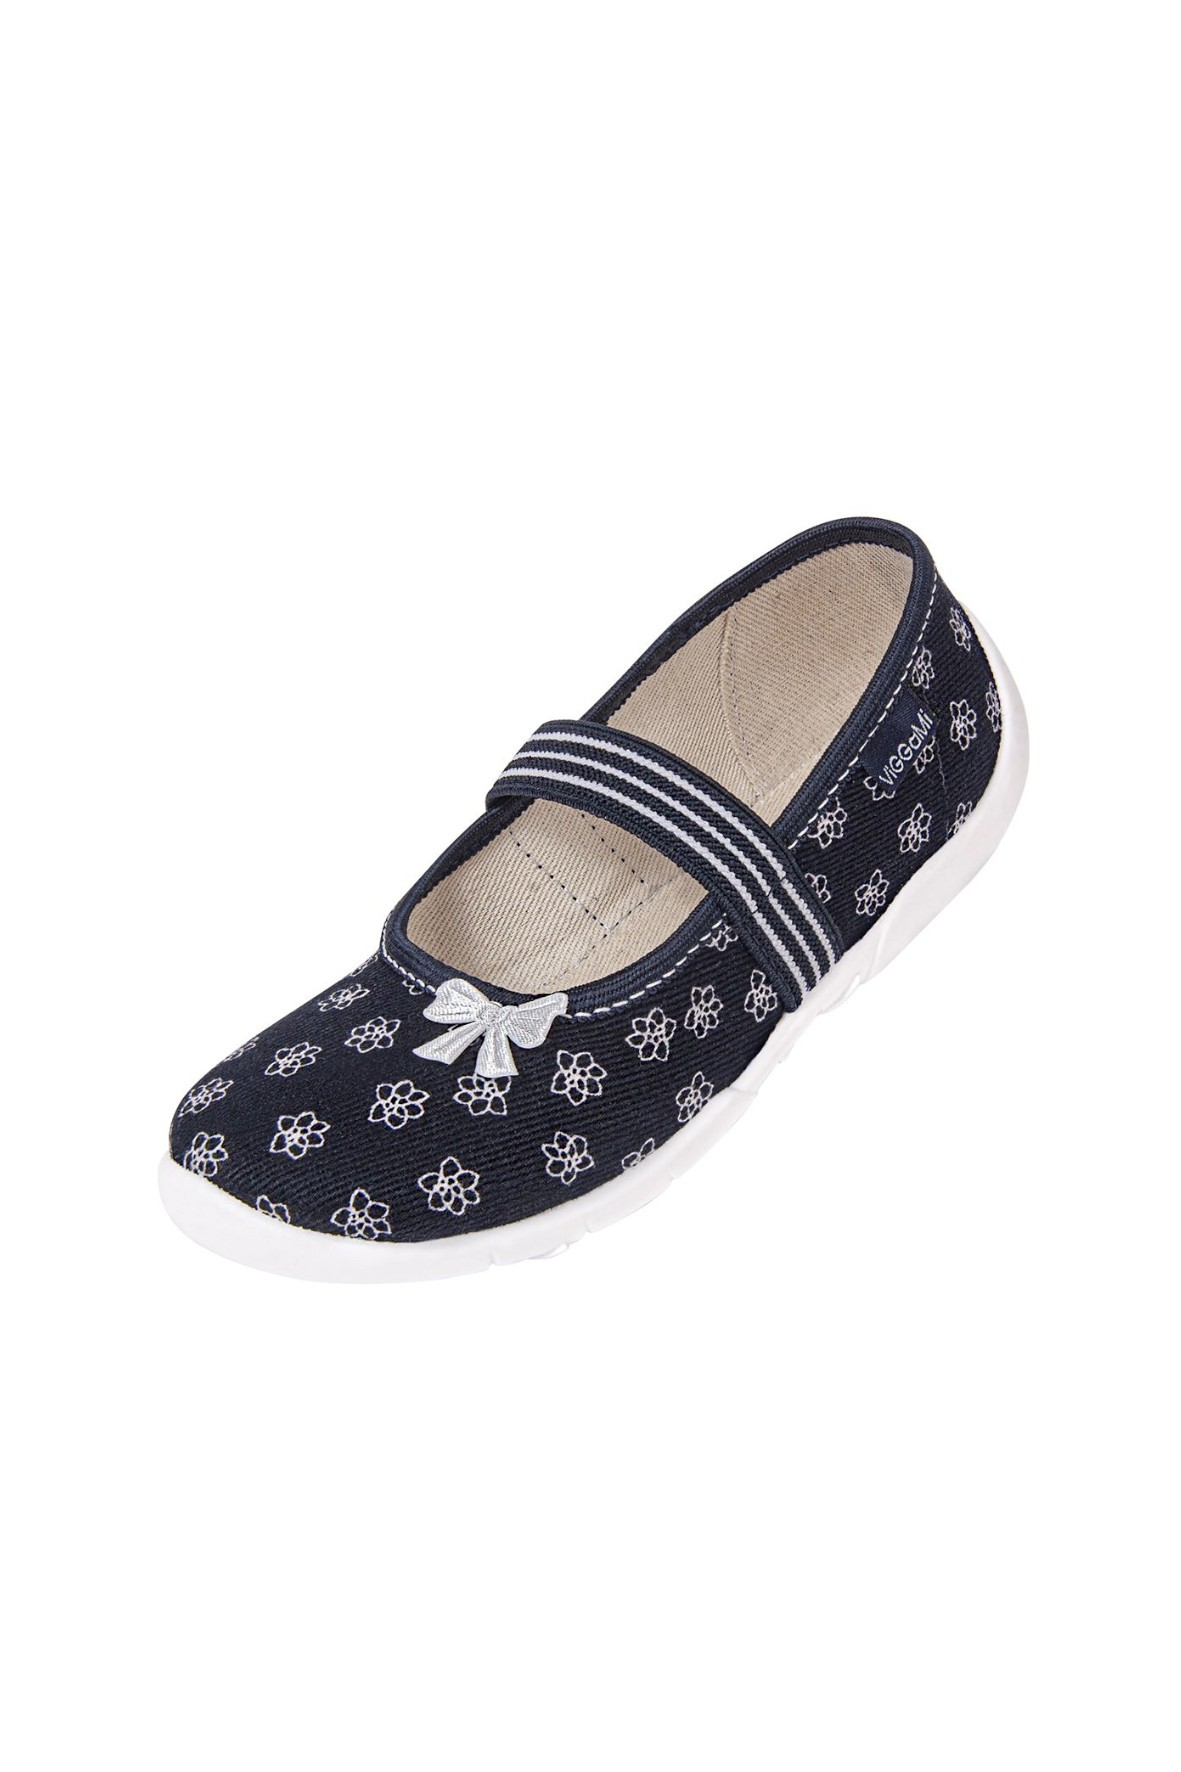 Buty dziewczęce czarne w białe kwiatki